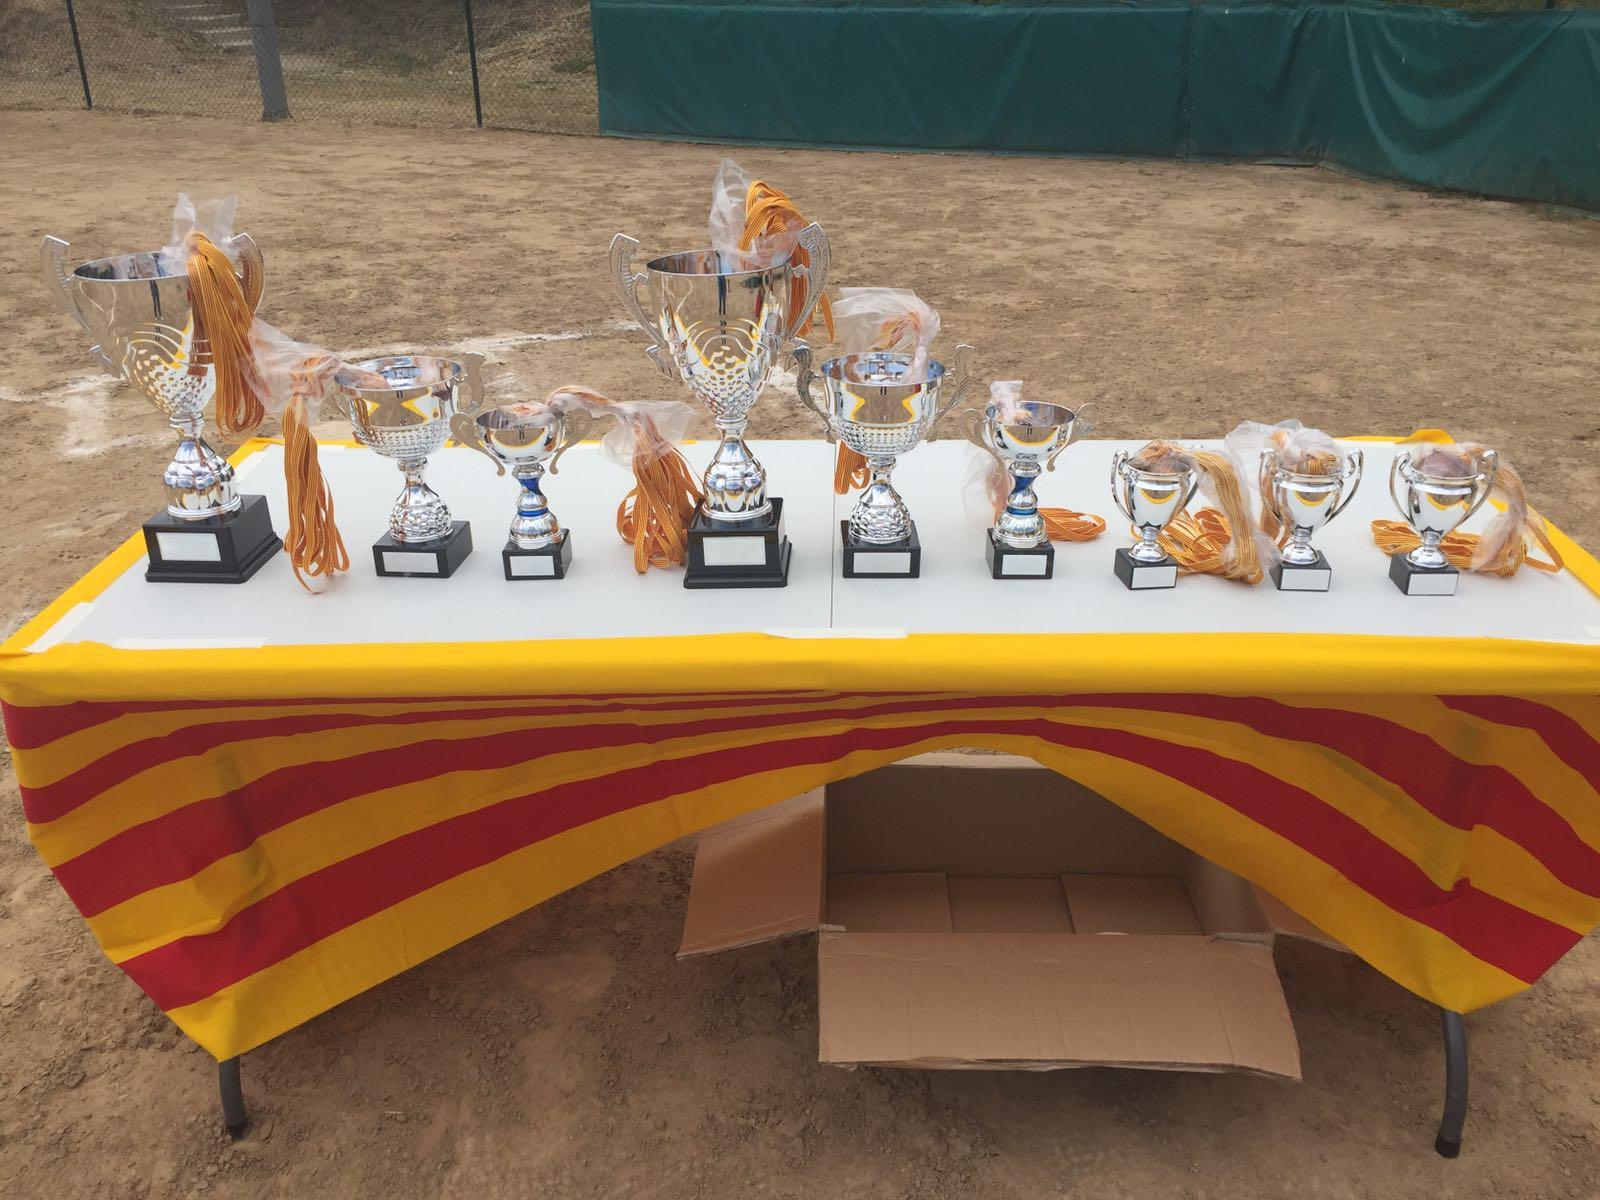 http://www.beisbolmiralbueno.es/wp-content/uploads/2016/06/50c73335-f033-4f12-a677-c8b60a505804.jpg